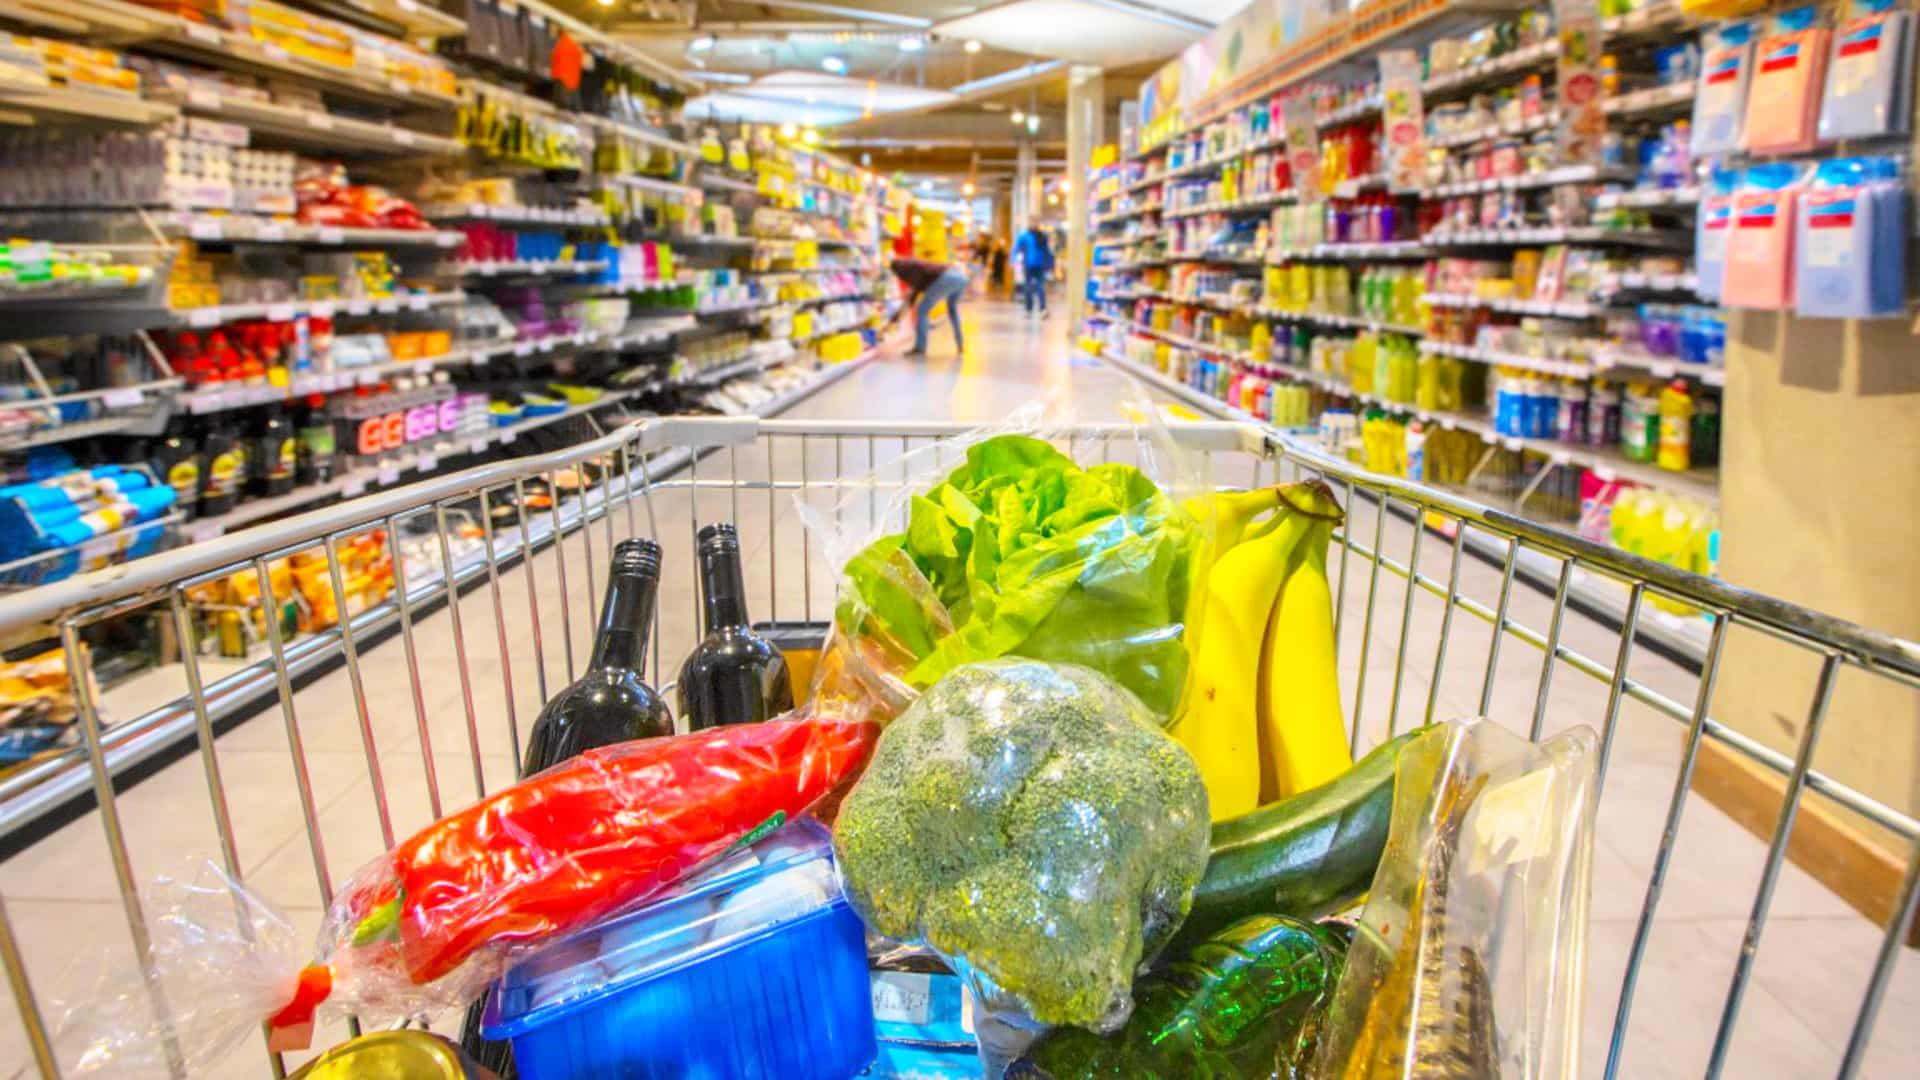 Supermercado com frutas frescas carnes e laticínios com controle de pragas através da dedetização consciente e segura